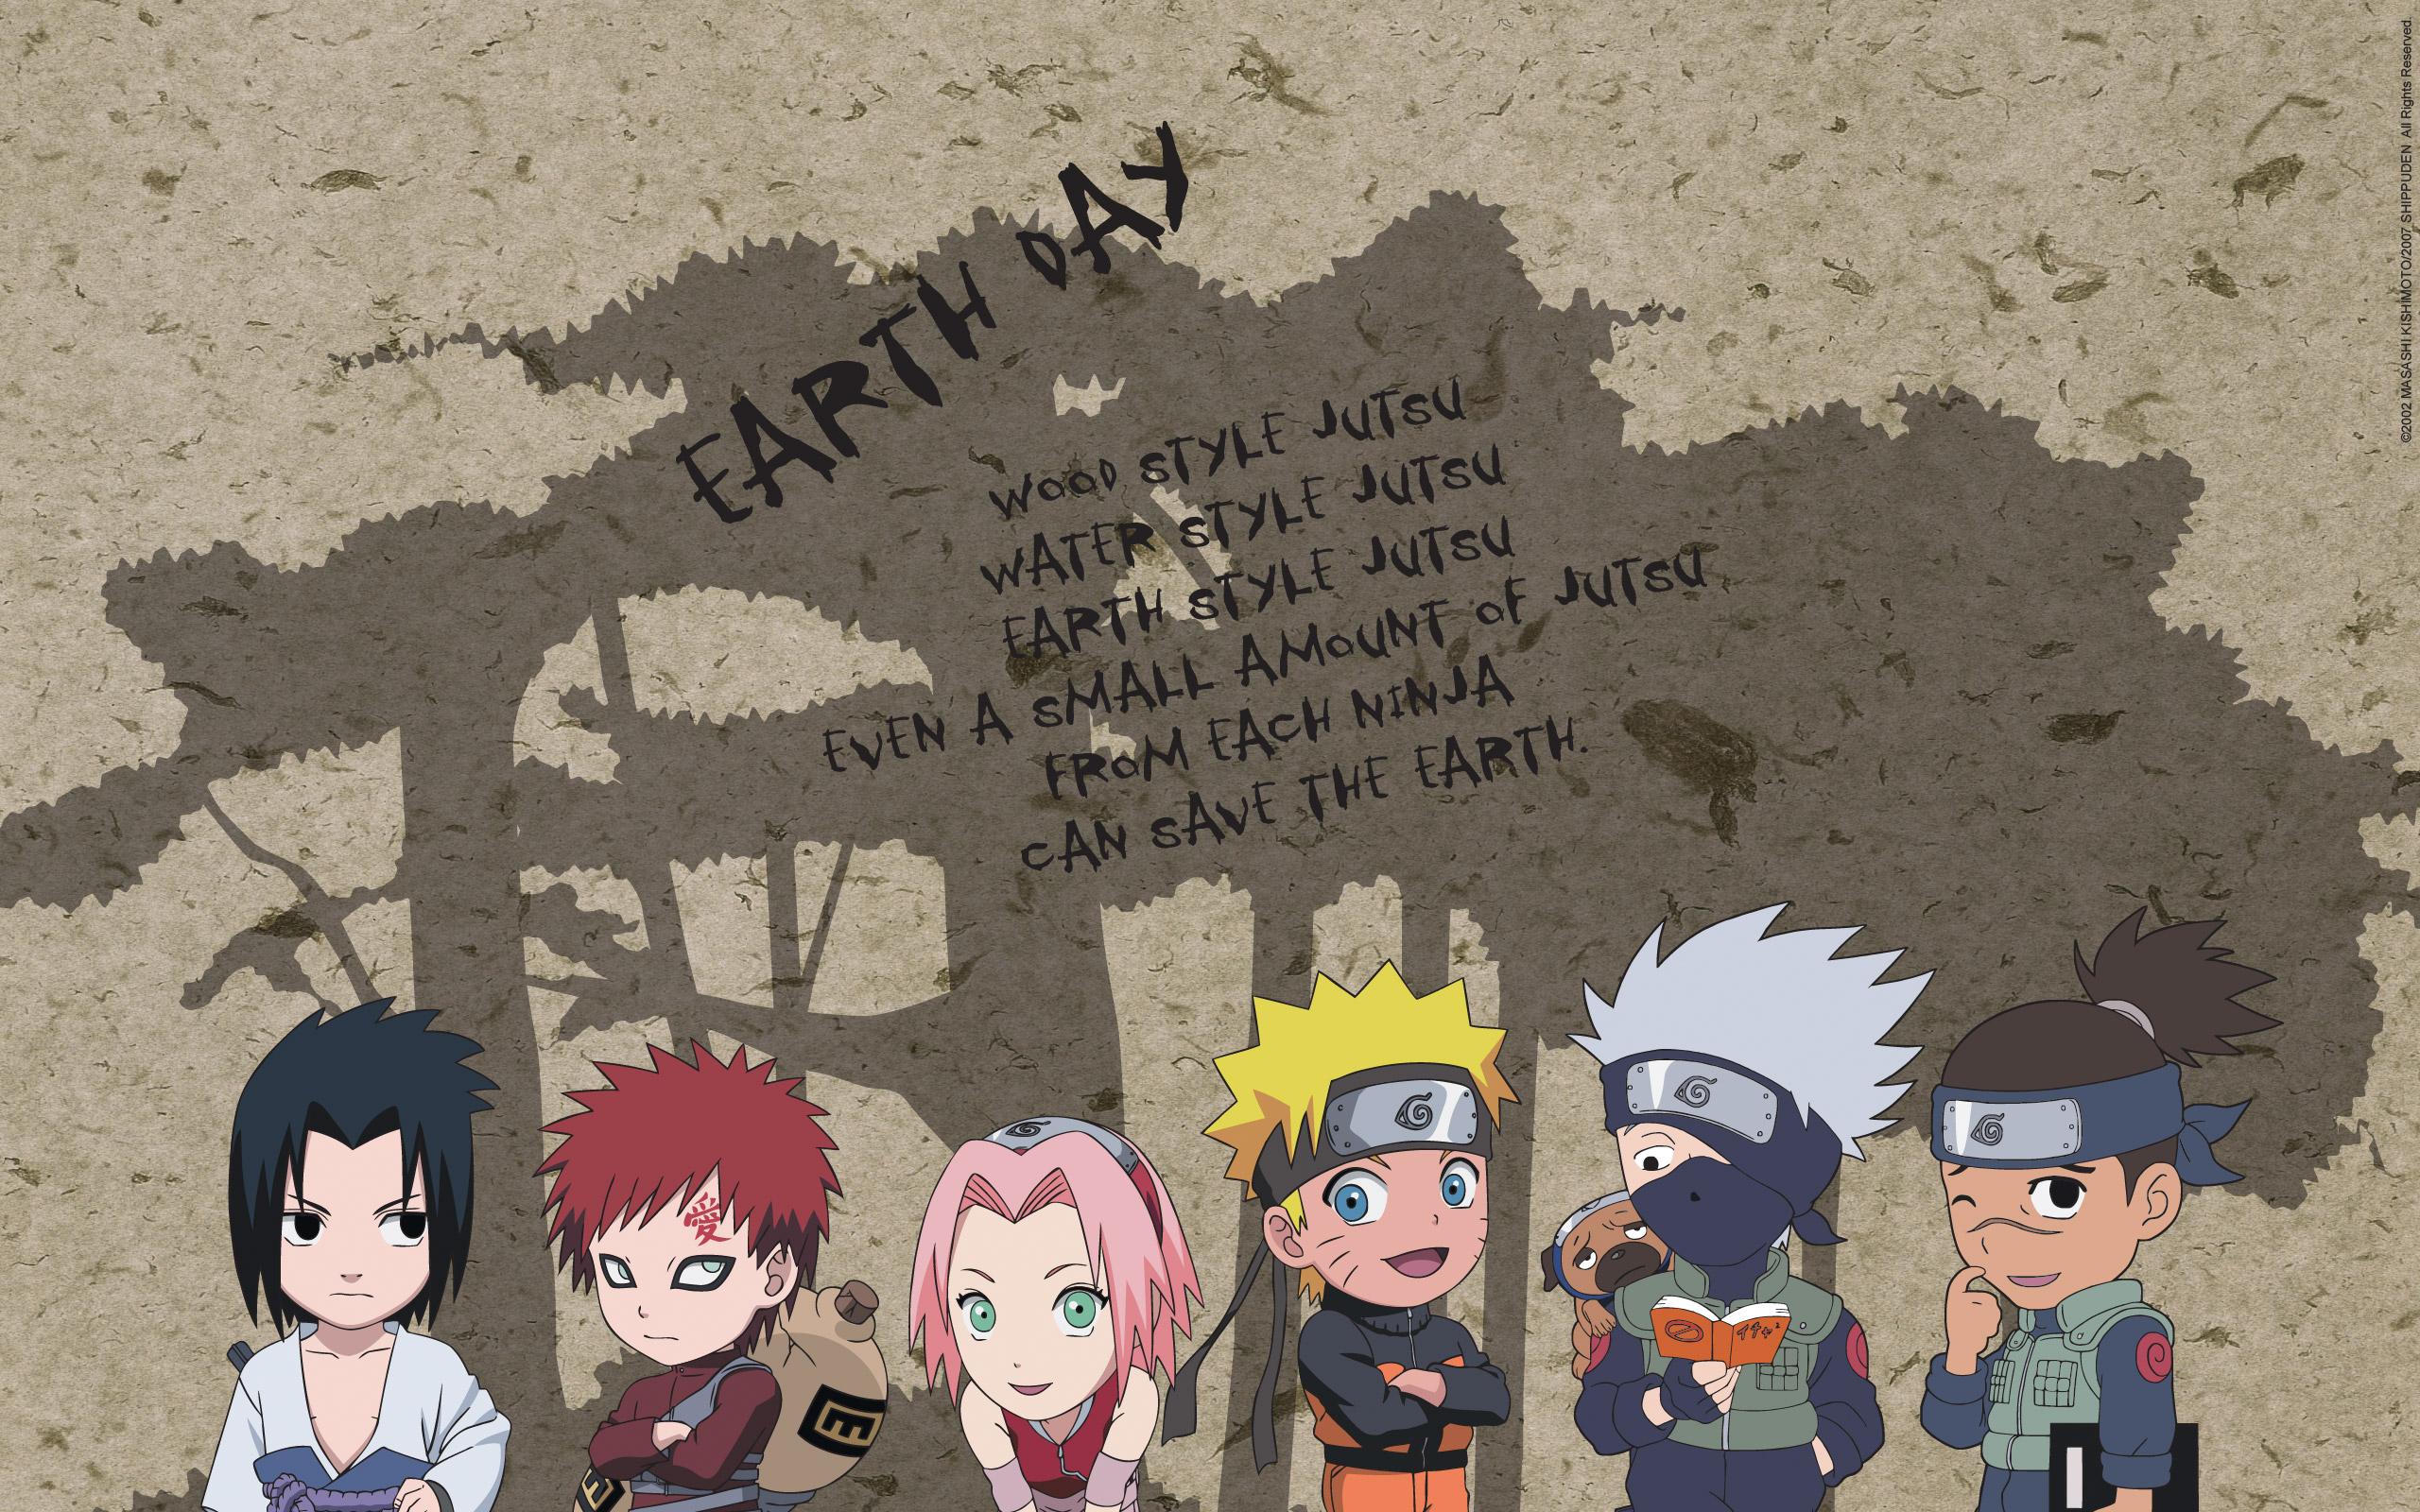 Sasuke Gaara Sakura Naruto